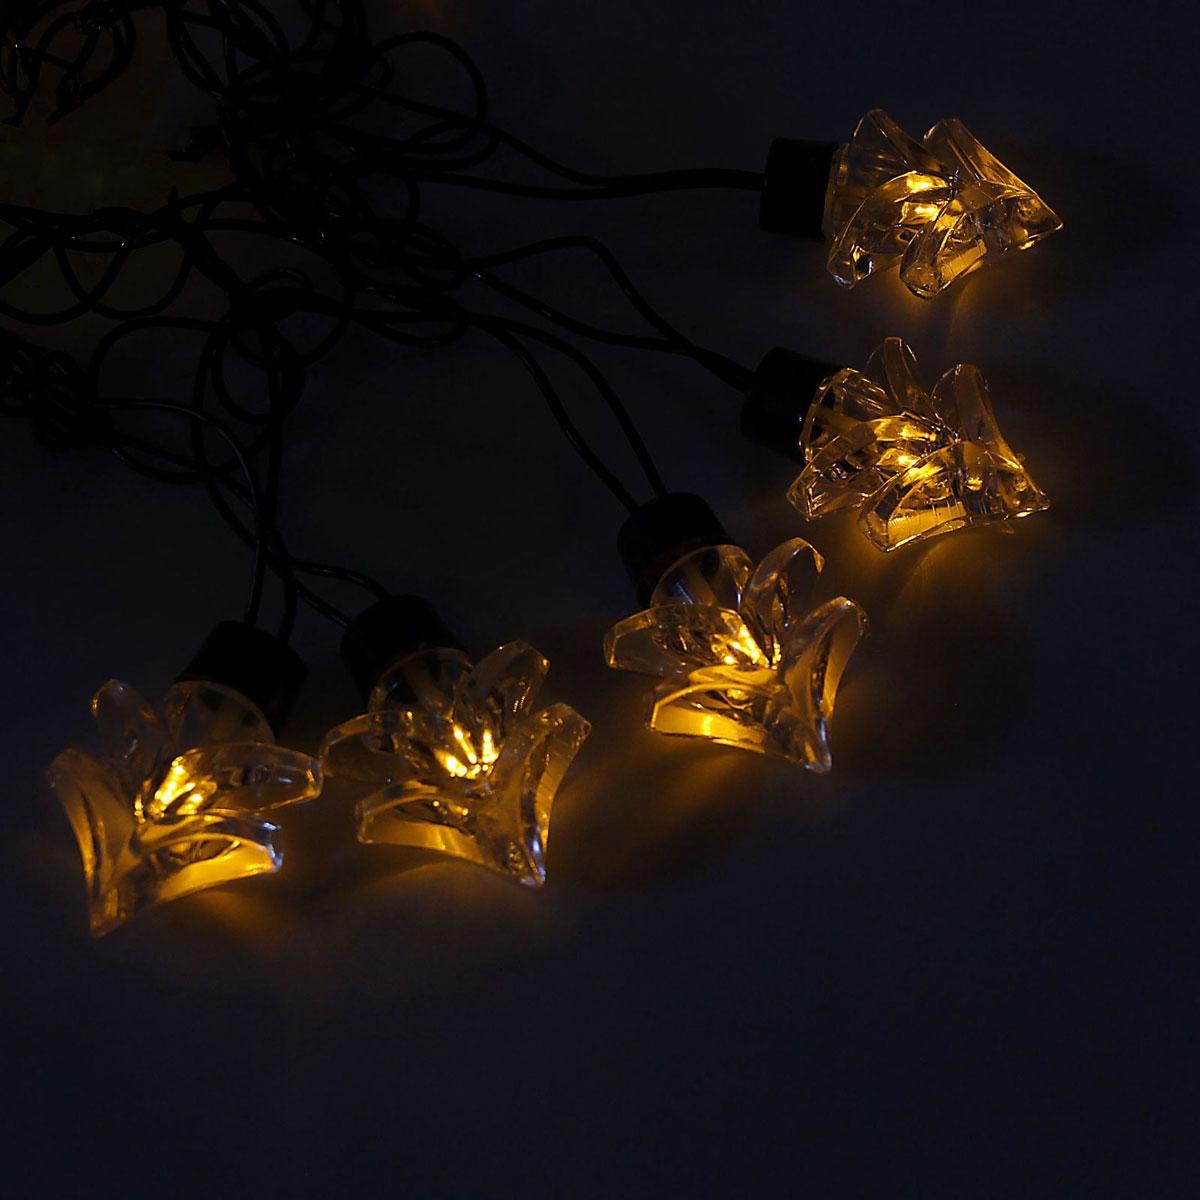 Гирлянда светодиодная Luazon Метраж. Ель большая, уличная с насадкой, 8 режимов, 30 ламп, 220 V, 5 м, цвет: желтый. 10801301080130Светодиодные гирлянды, ленты и т.д. — это отличный вариант для новогоднего оформления интерьера или фасада. С их помощью помещение любого размера можно превратить в праздничный зал, а внешние элементы зданий, украшенные ими, мгновенно станут напоминать очертания сказочного дворца. Такие украшения создают ауру предвкушения чуда. Деревья, фасады, витрины, окна и арки будто специально созданы, чтобы вы украсили их светящимися нитями.